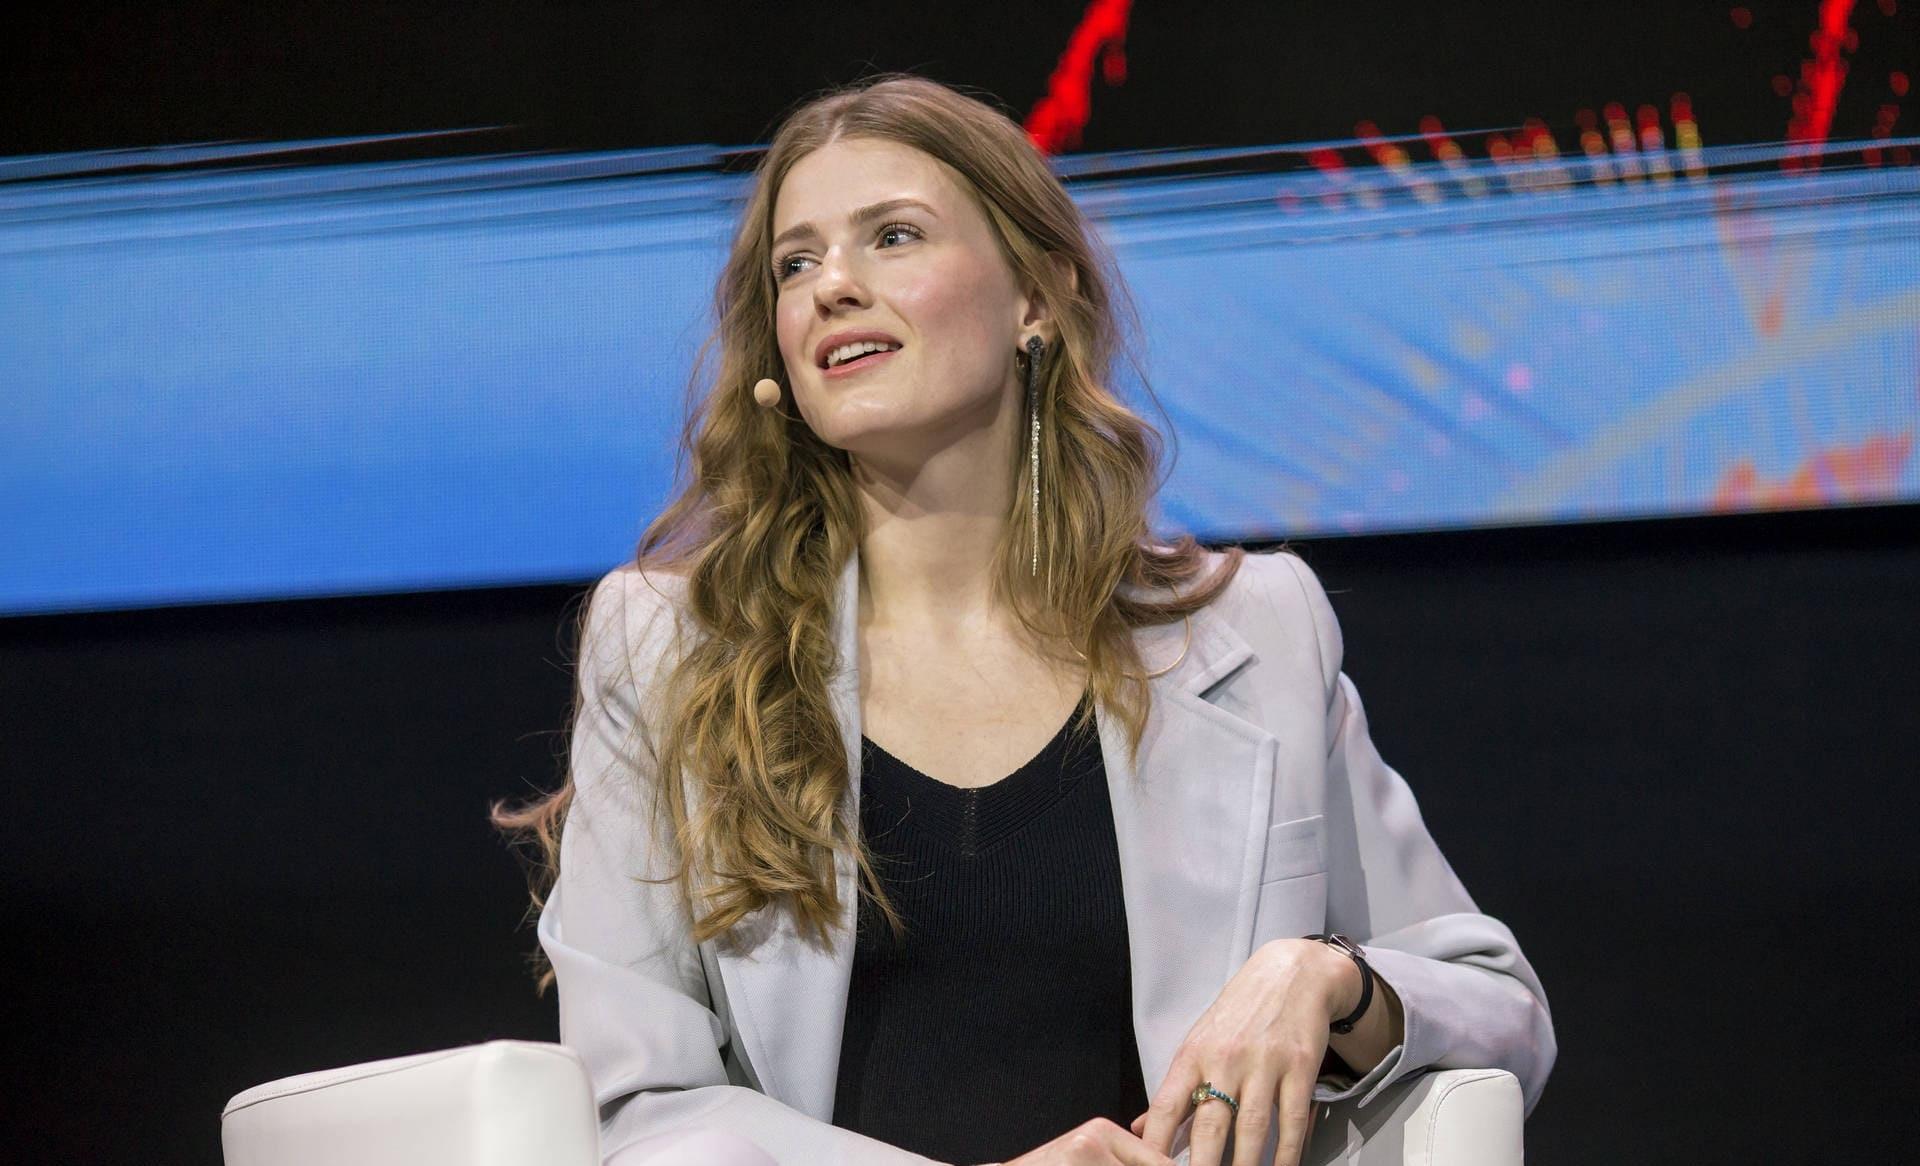 Спикеры Synergy Woman Forum представили вызовы, которые стоят перед женщинами в 2021 году